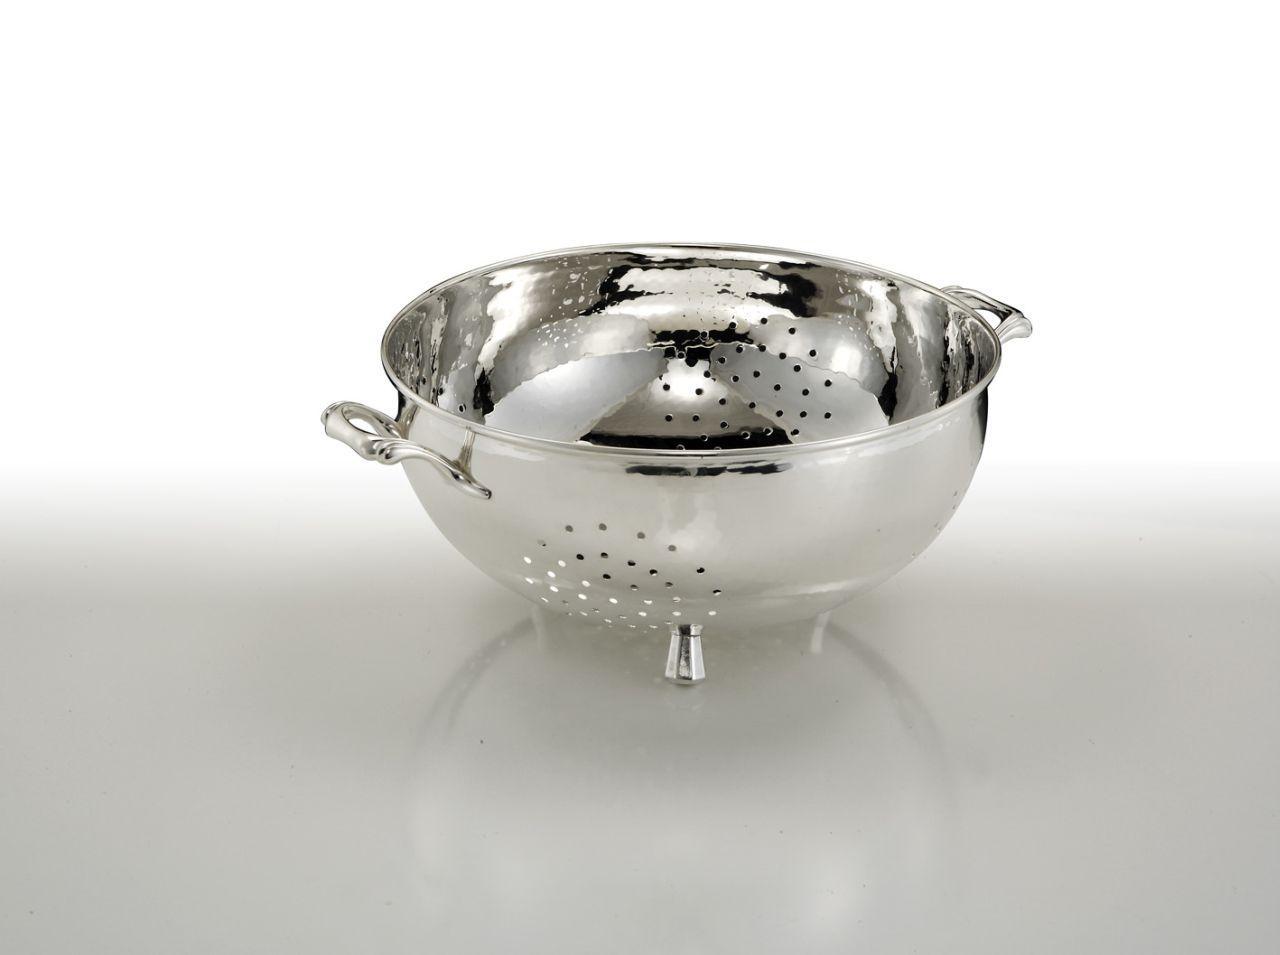 Scolapasta argentata argento stile Cardinale cm.12,5h diam.25